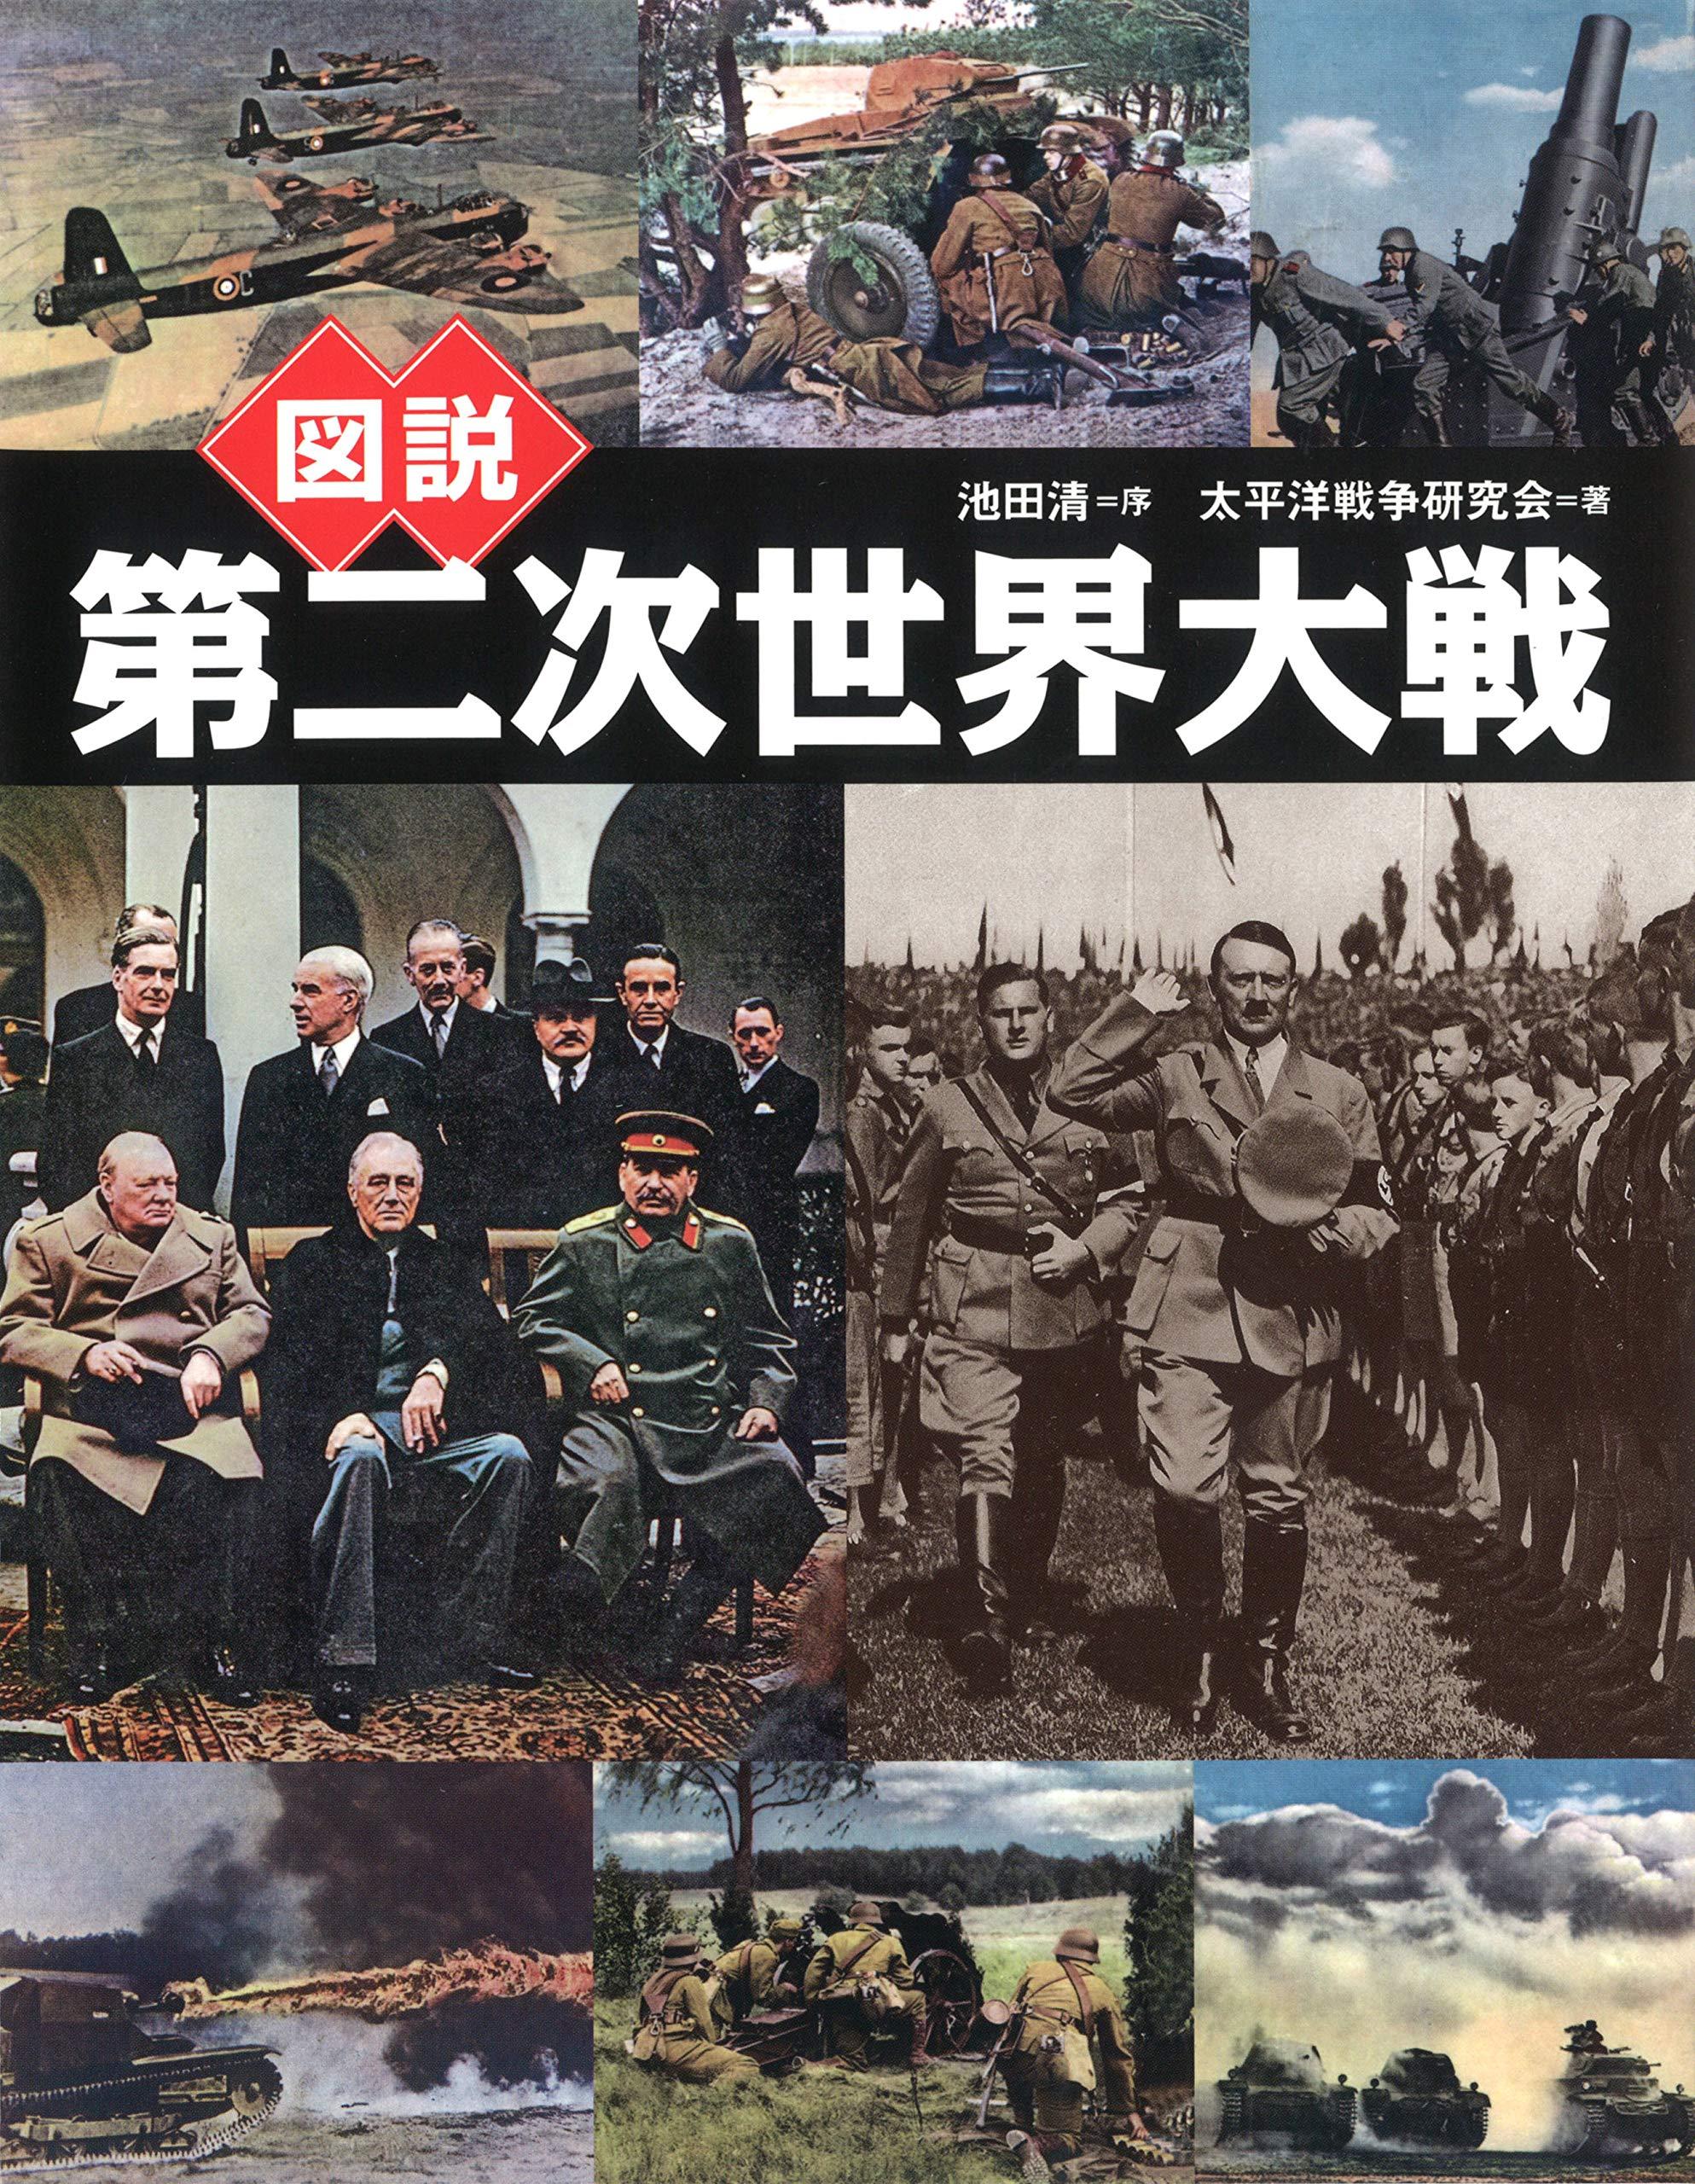 第 二 次 世界 大戦 と は